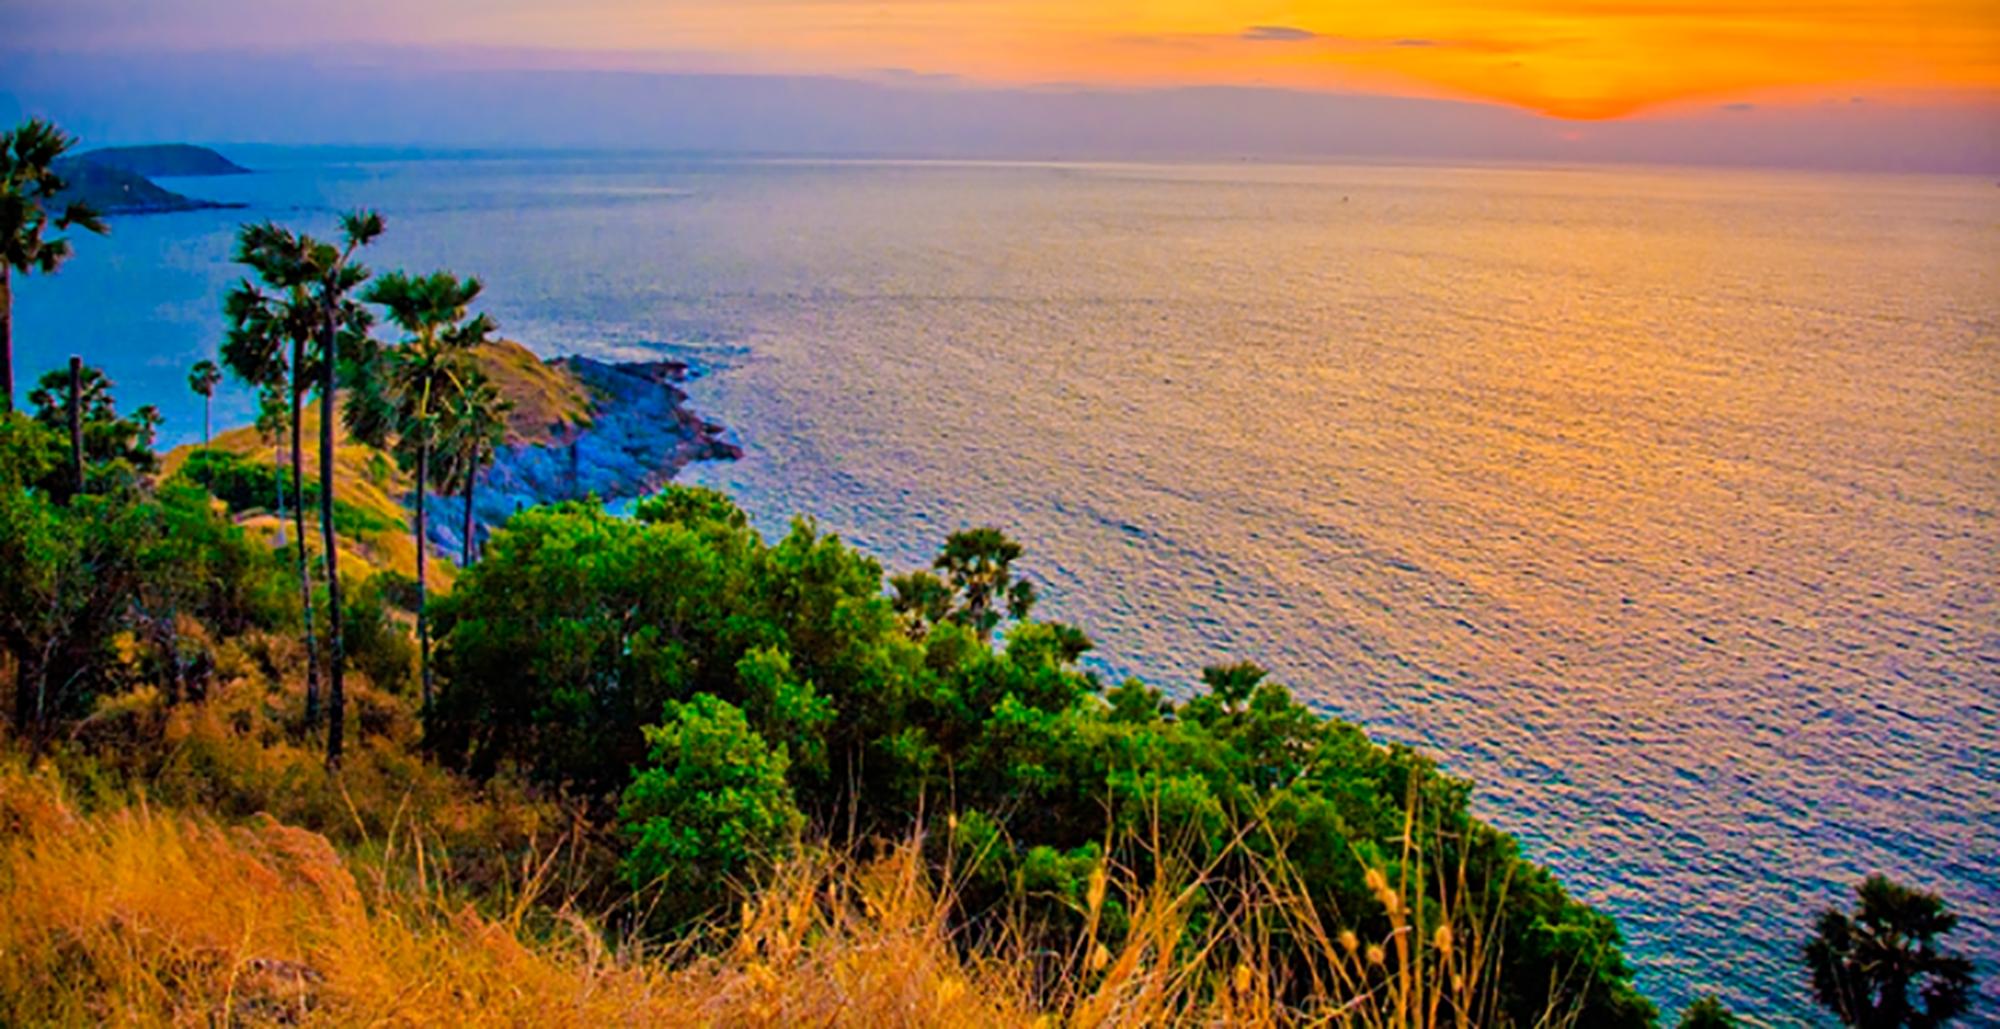 Đảo Phuket với nhiều cảnh đẹp đang thu hút du khách quốc tế sau khi Thái Lan thí điểm đón khách đã tiêm vaccine